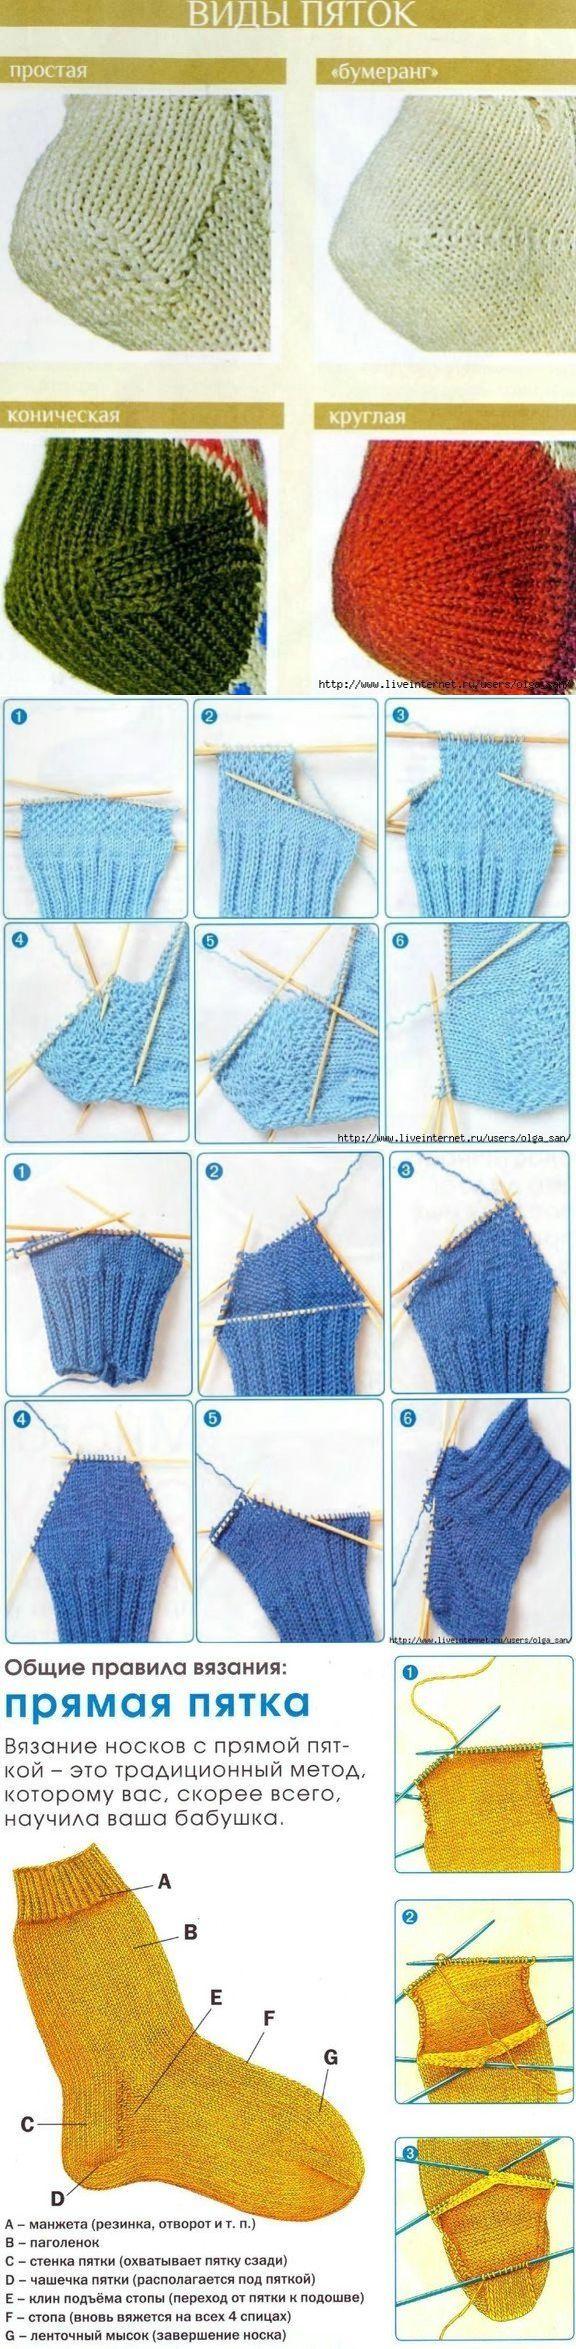 Вязание: виды пяток | Золотые Руки